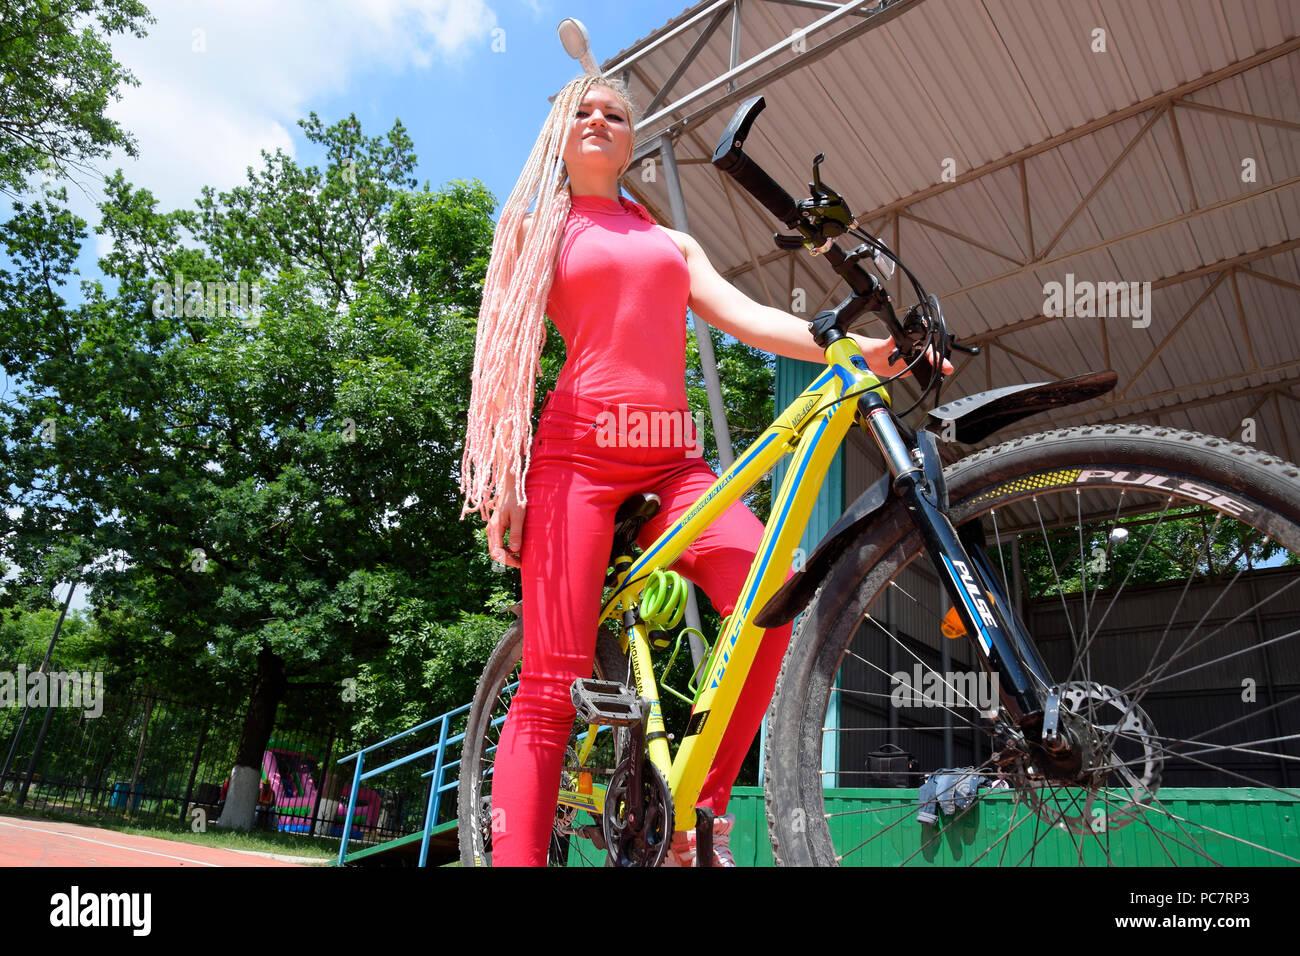 Slavjansk-auf-Kuban, Russland - 15. Mai 2018: Junge Frau mit einem gelben Mountainbike. Ein Spaziergang auf einem Fahrrad im Park. Stockfoto